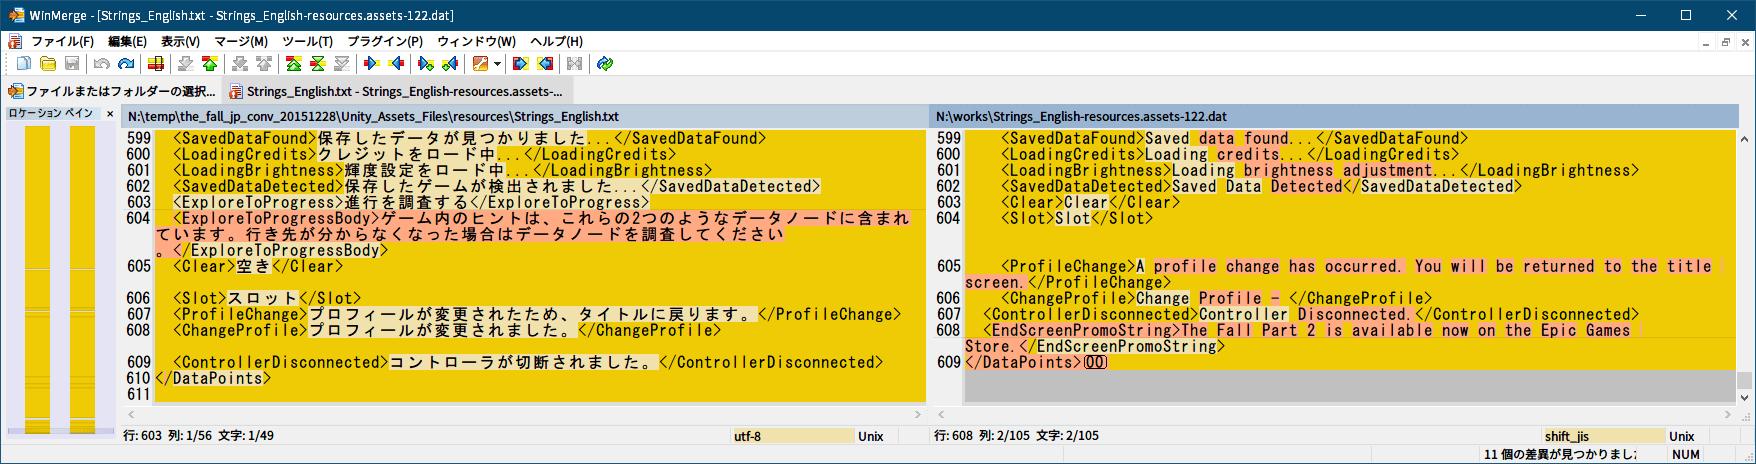 Epic 版 The Fall(Unity 2020.2.2f1)日本語化メモ、Epic 版 The Fall(Unity 2020.2.2f1) - UnityEX 用日本語化 Mod ファイル the_fall_jp_conv_20151228.zip → UABEA 用日本語化 Mod ファイル変換方法、Epic 版 The Fall(Unity 2020.2.2f1) UABEA 用英語 → 日本語テキストファイル置換方法、WinMerge で Strings_English.txt(日本語 Mod テキストファイル) と Strings_English-resources.assets-122.dat(UABEA からエクスポート(Export Dump)したファイル) を比較したときの差分内容、日本語テキストにある ExploreToProgress タグと ExploreToProgressBody タグは英語版テキストになし、英語版テキストにある EndScreenPromoString タグは日本語テキストになし